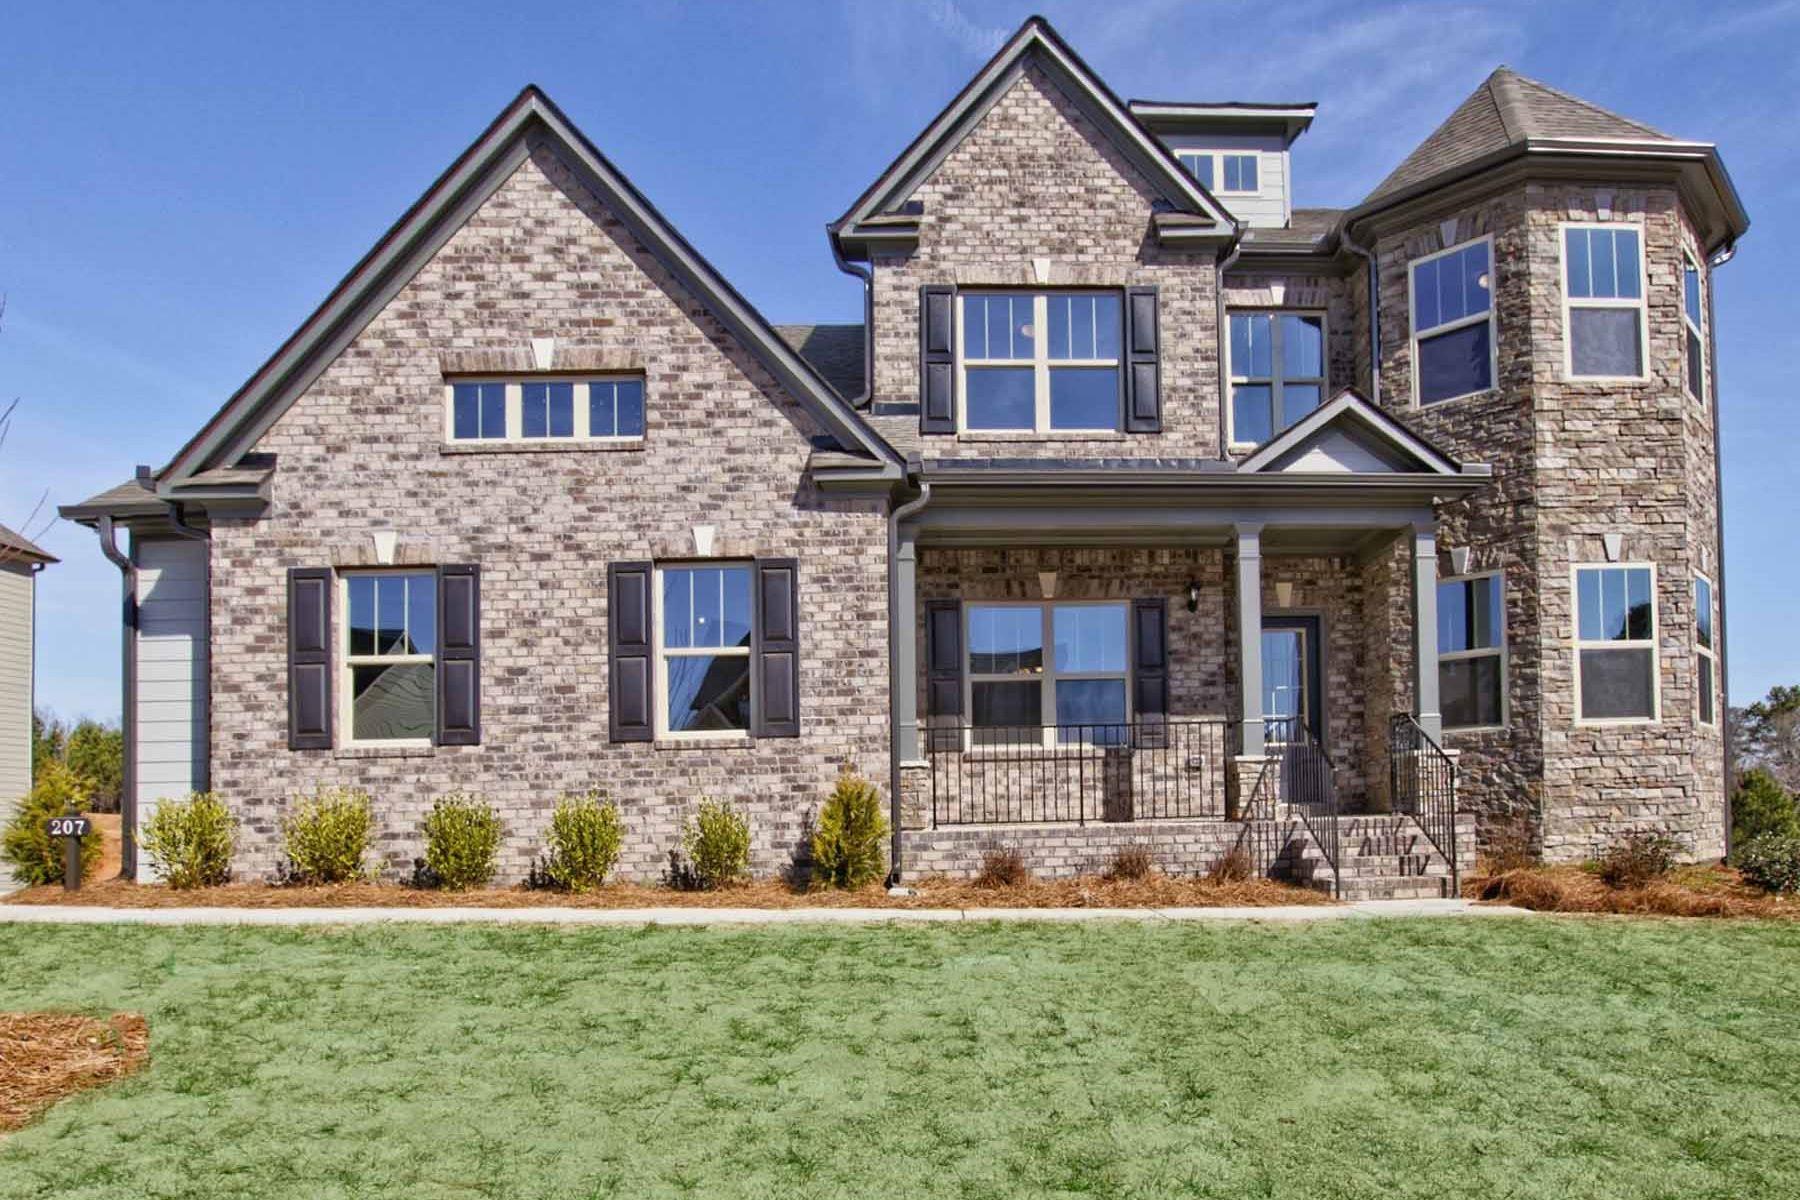 Vivienda unifamiliar por un Venta en 100% Energy Star Certified New Construction 207 Wilde Oak Court Canton, Georgia, 30115 Estados Unidos